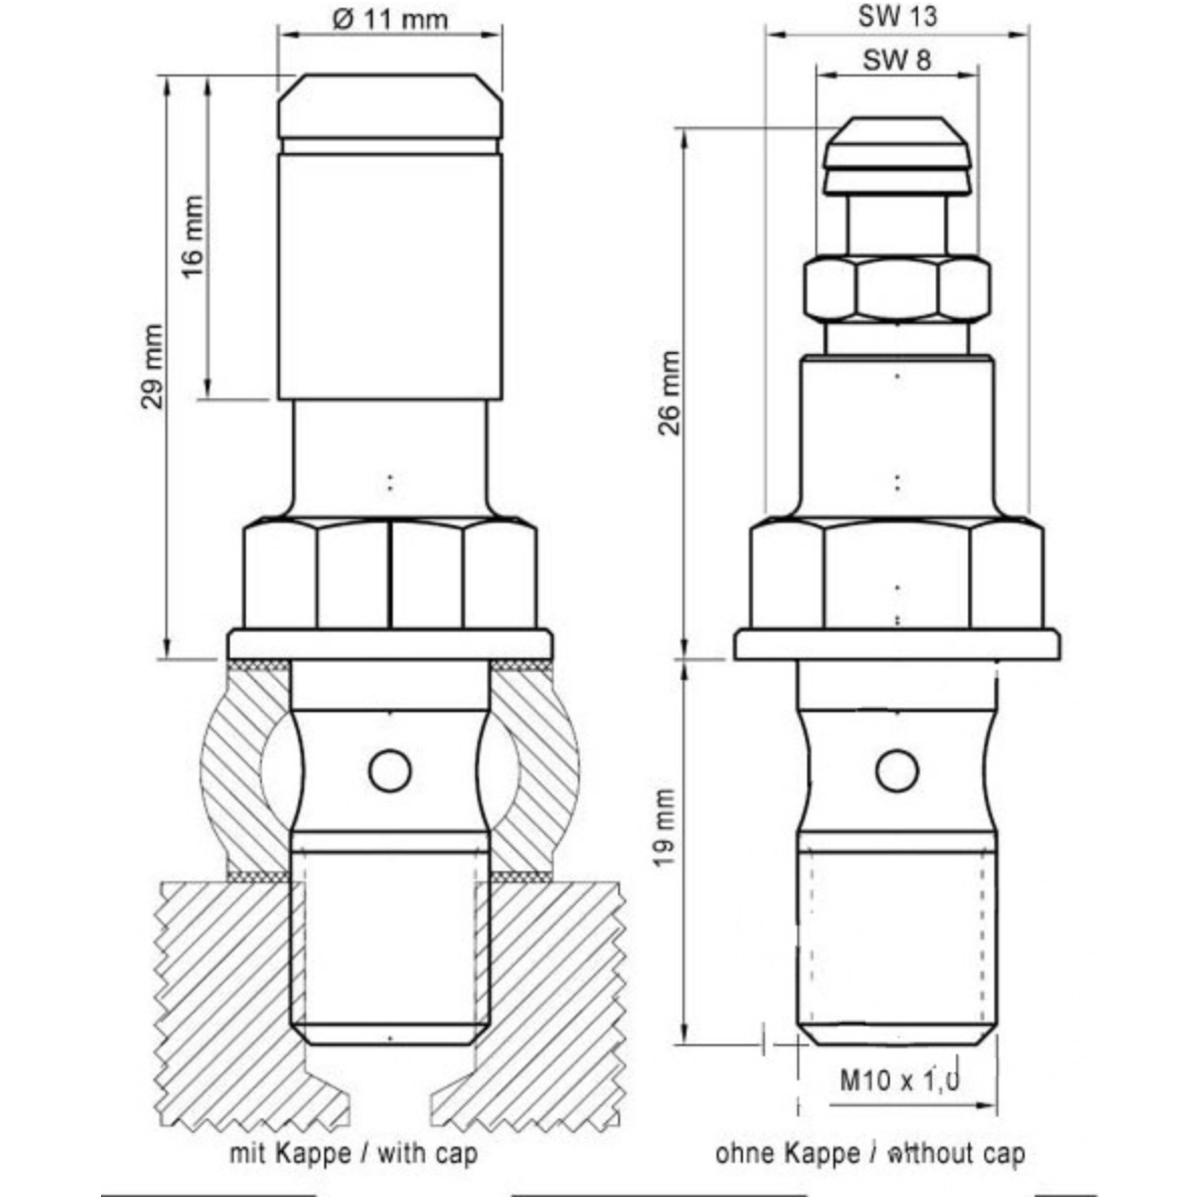 Hohlschraube einfach M10 x 1 Moto Guzzi Stelvio 78830